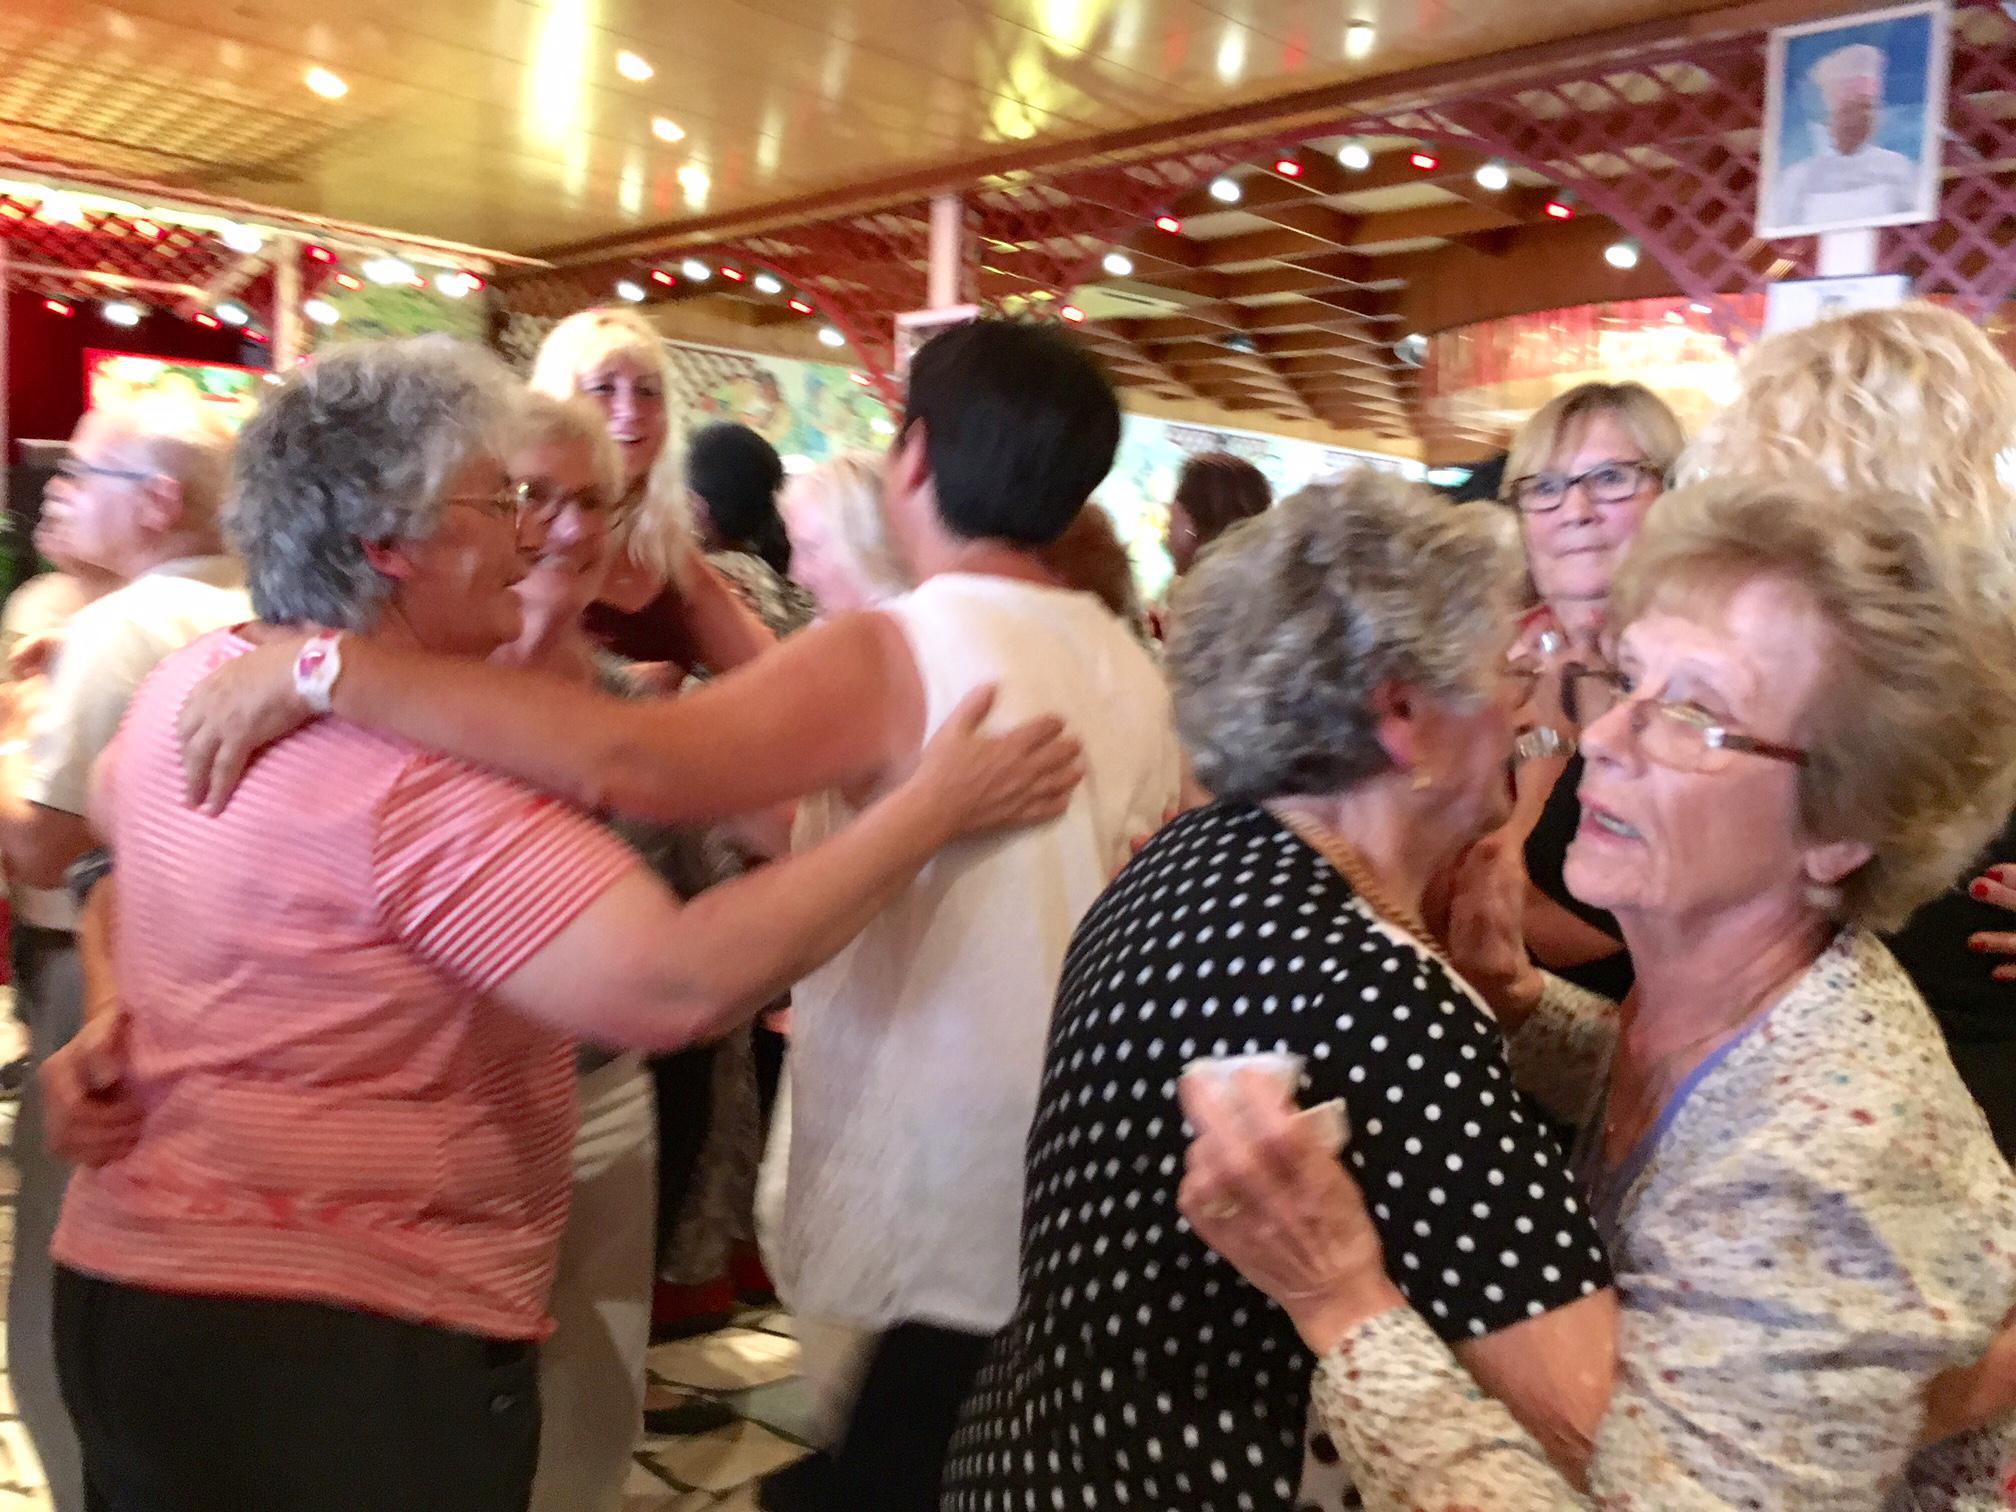 Le 18 août, 400 personnes âgées aidées par le SPF ont profité d'une journée de fête sur les bords de Marne.